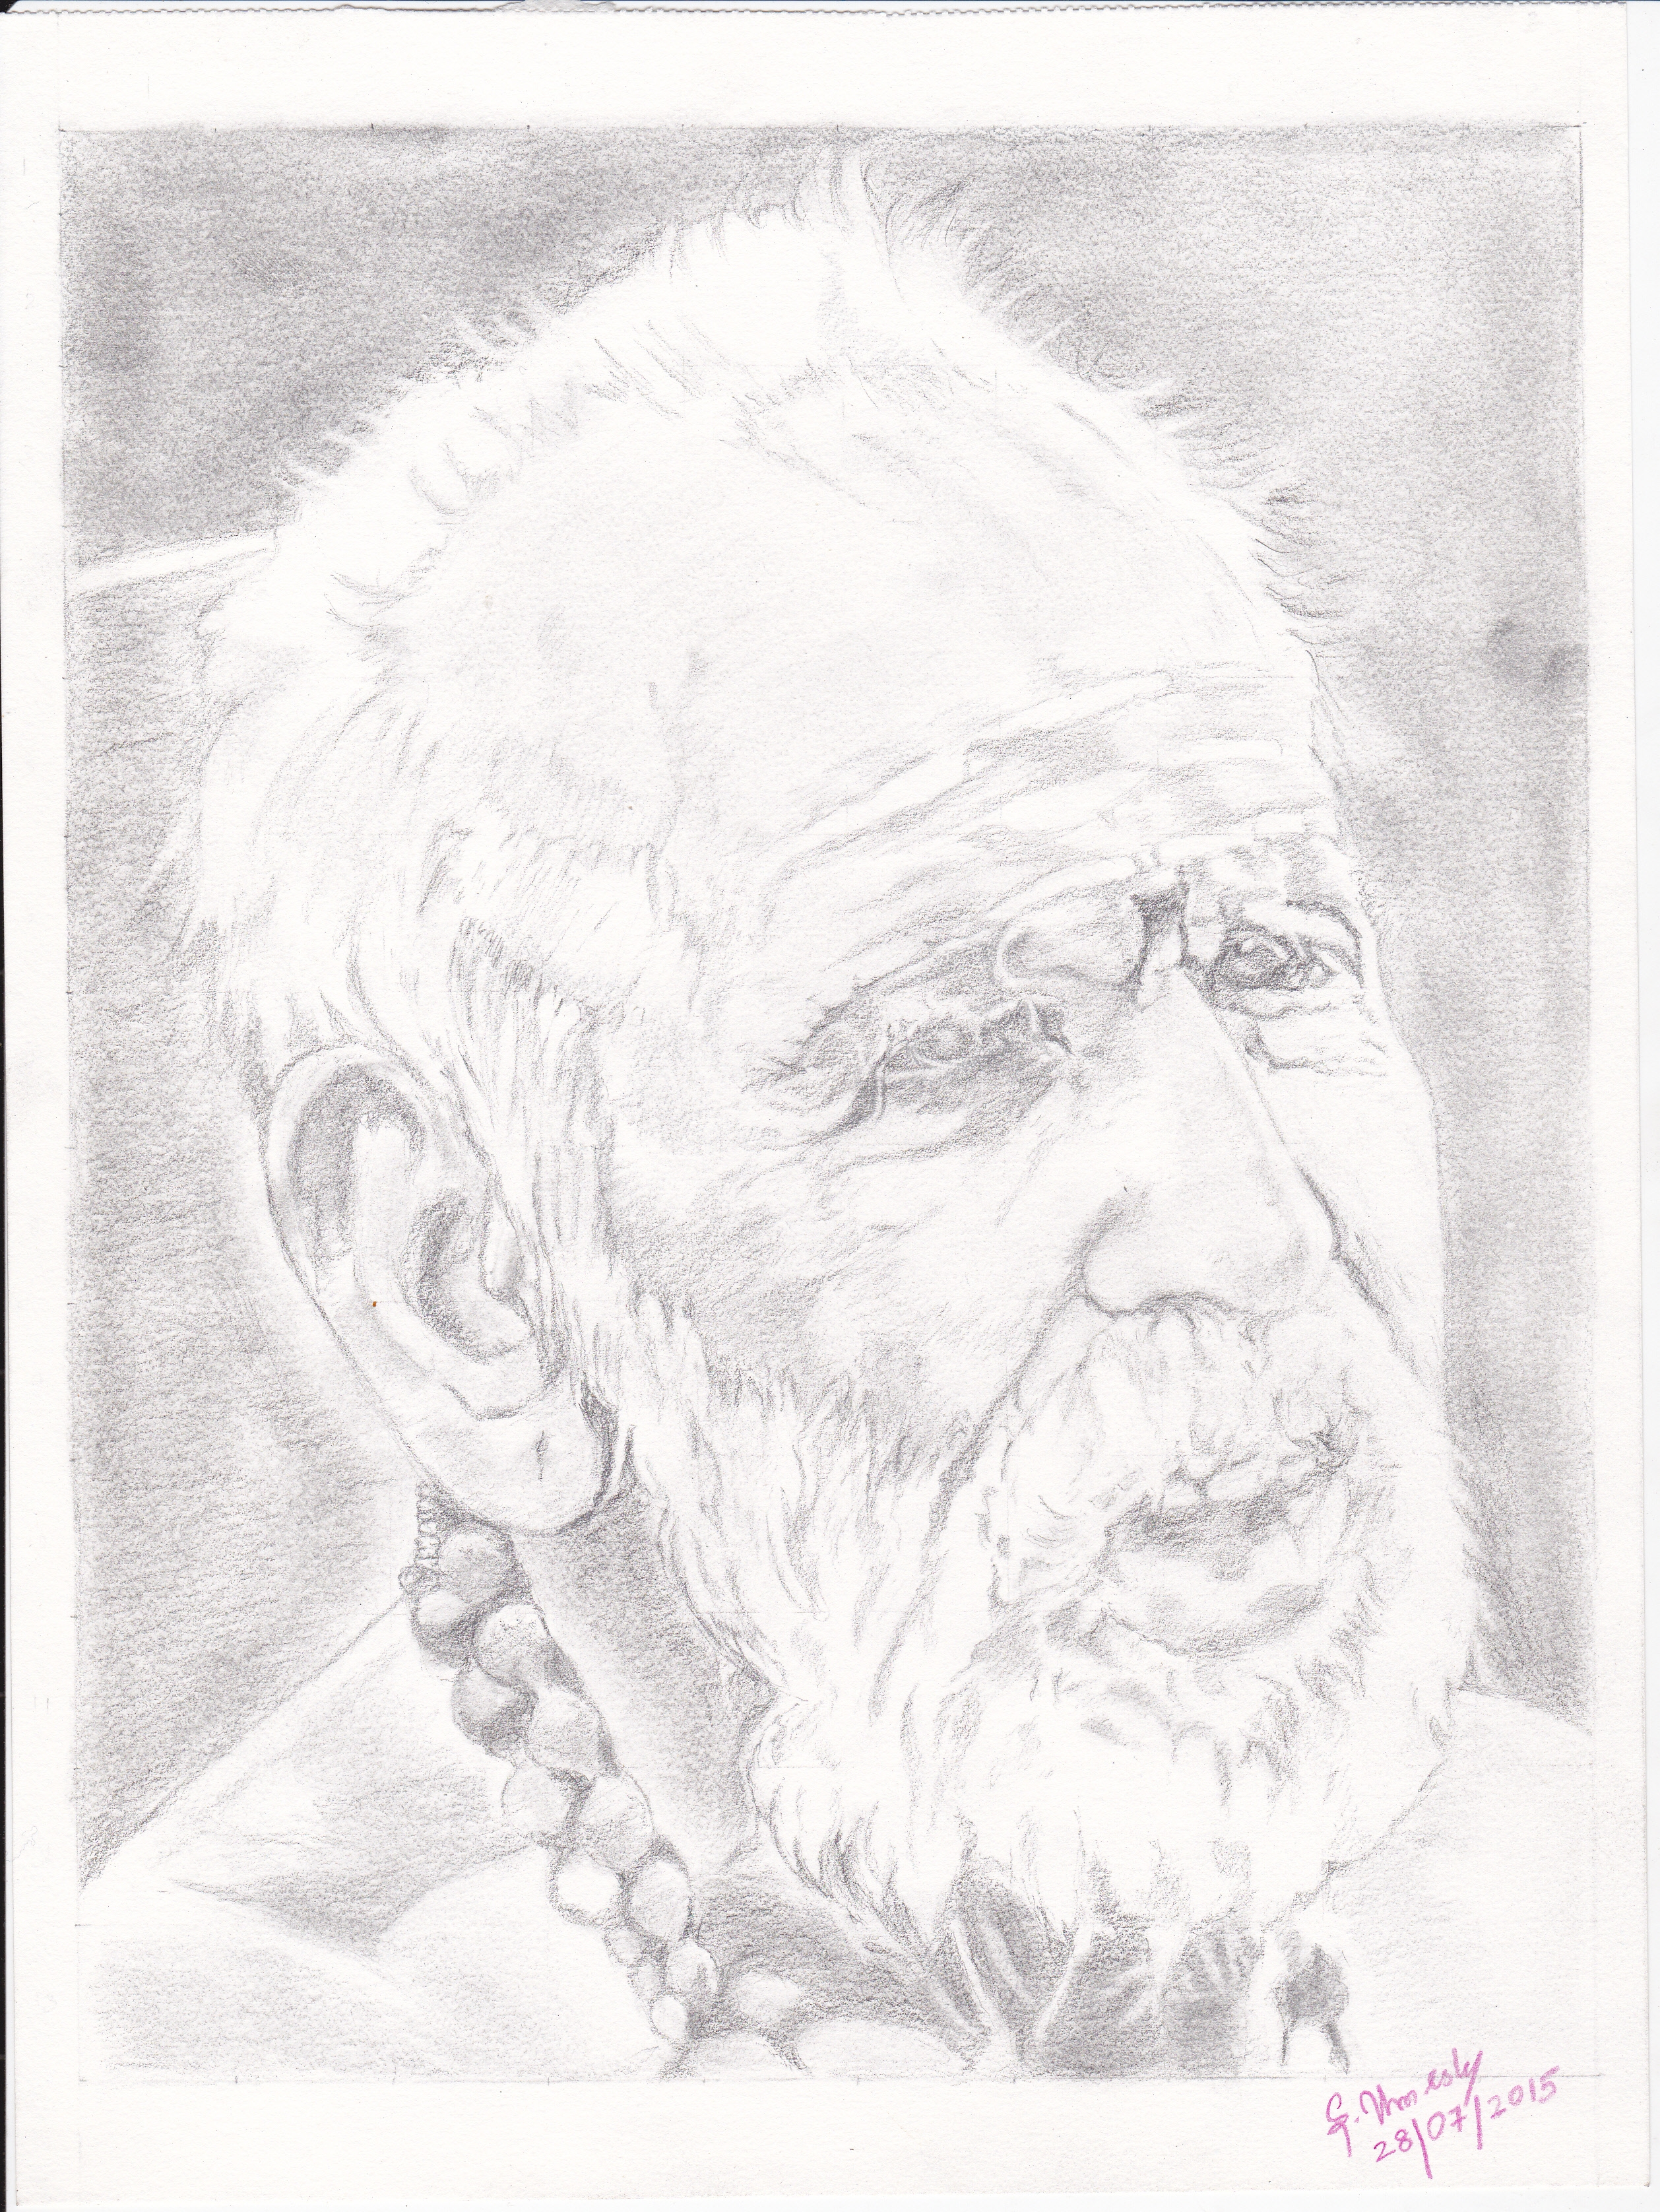 Wonderful pencil sketch by umesh sage of kanchi